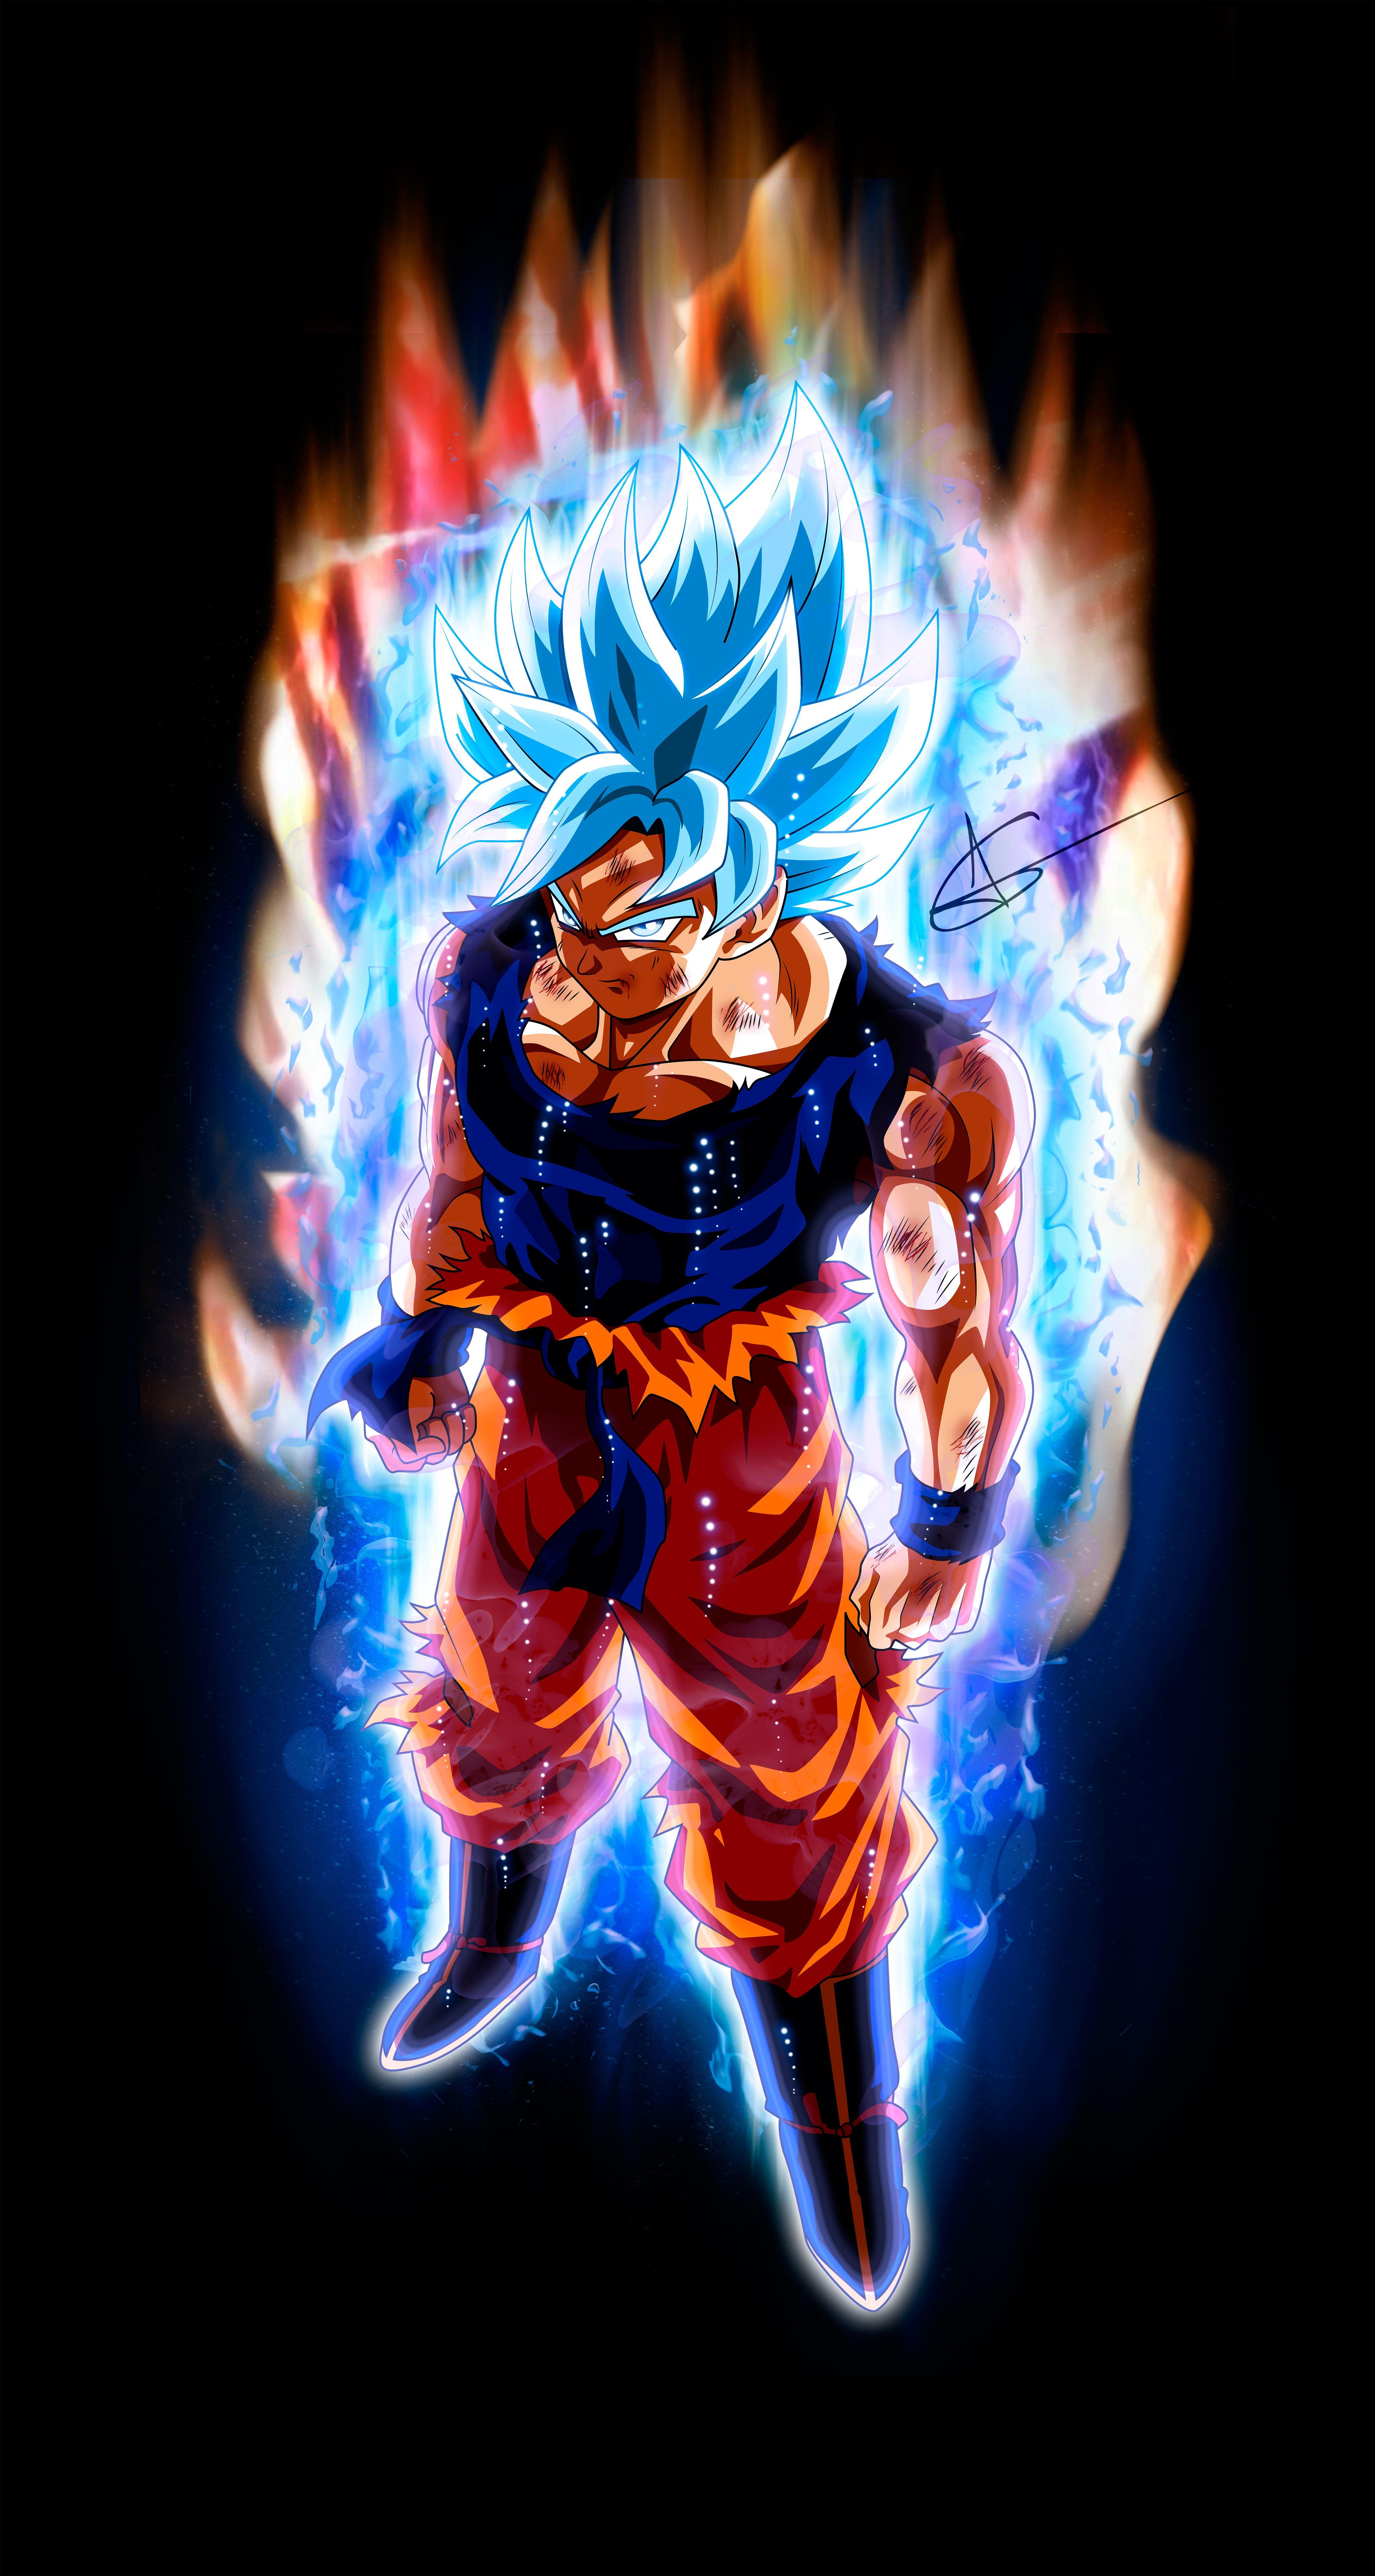 Son Goku Super Saiyan God Instinct Variation Form